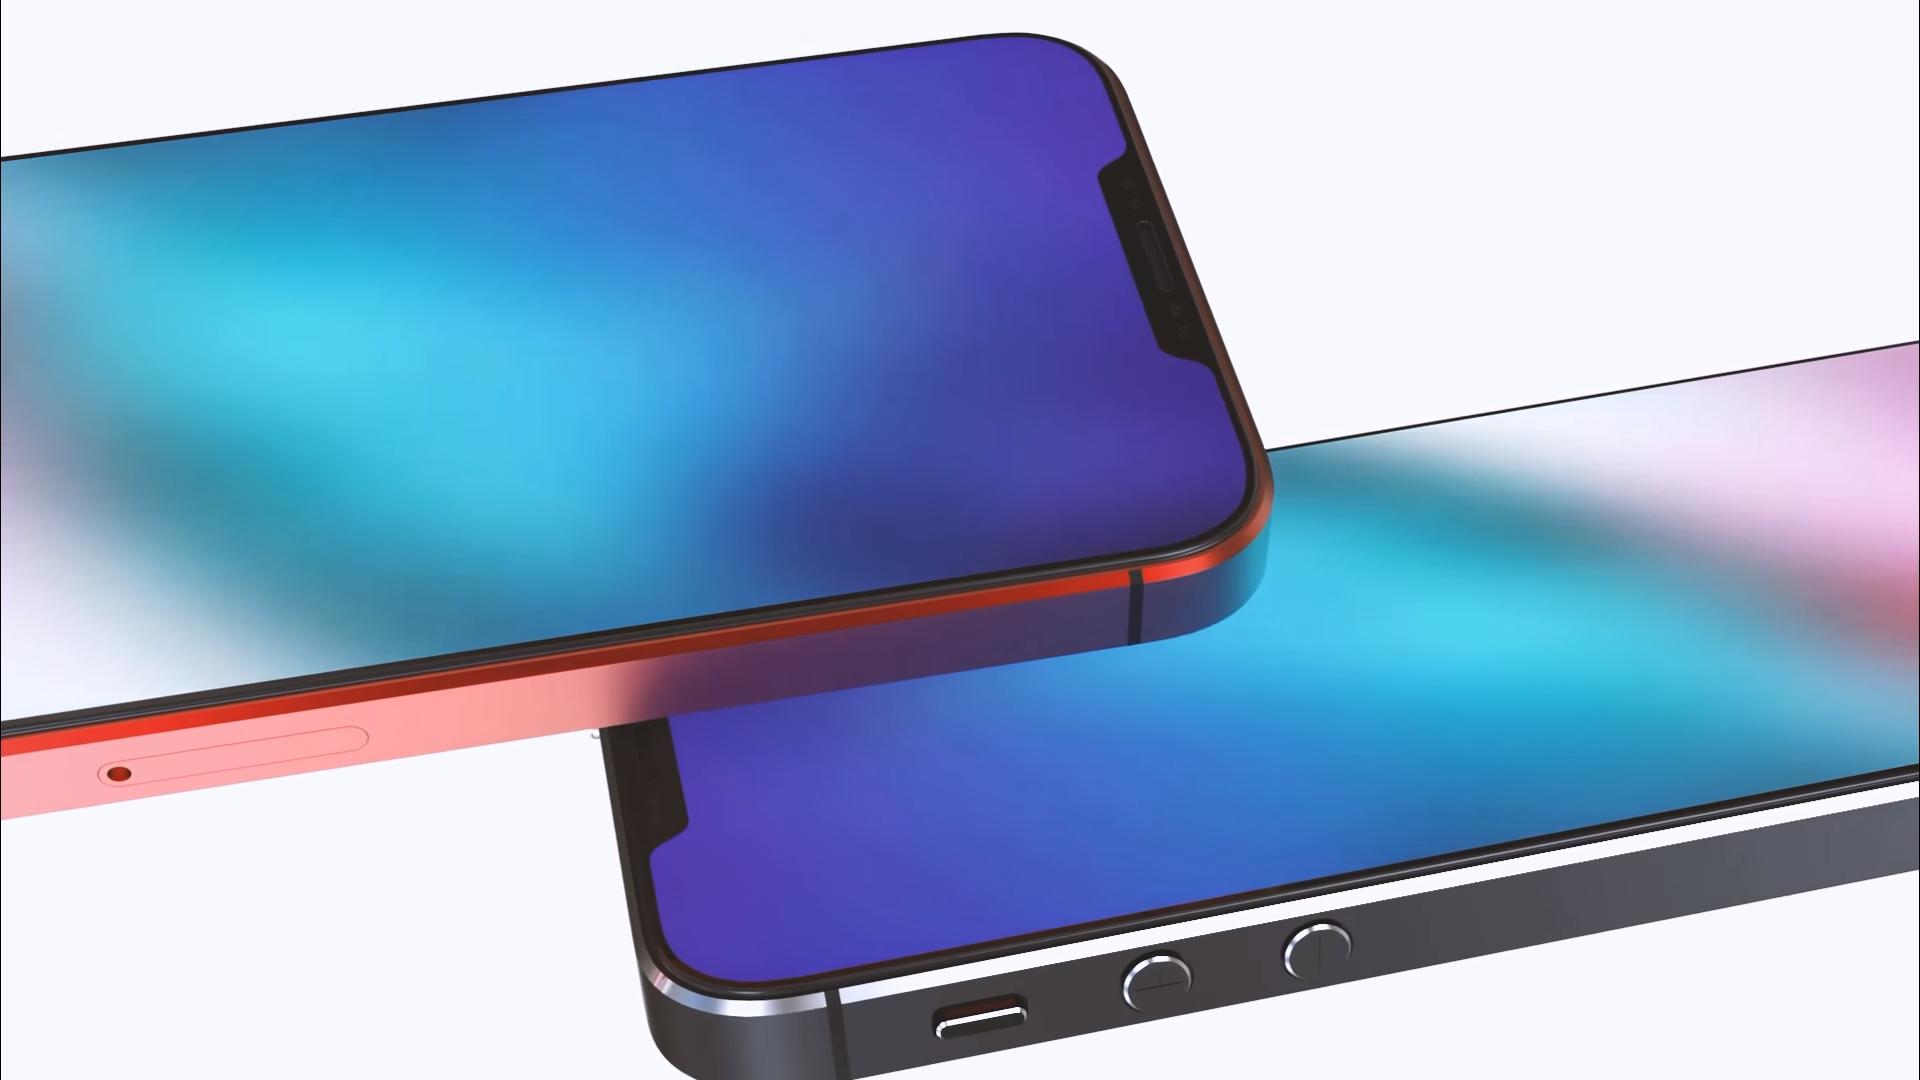 """iPhone SE iPhone SE - Có thể """"chỉ là giấc mơ"""" với iPhone SE2"""